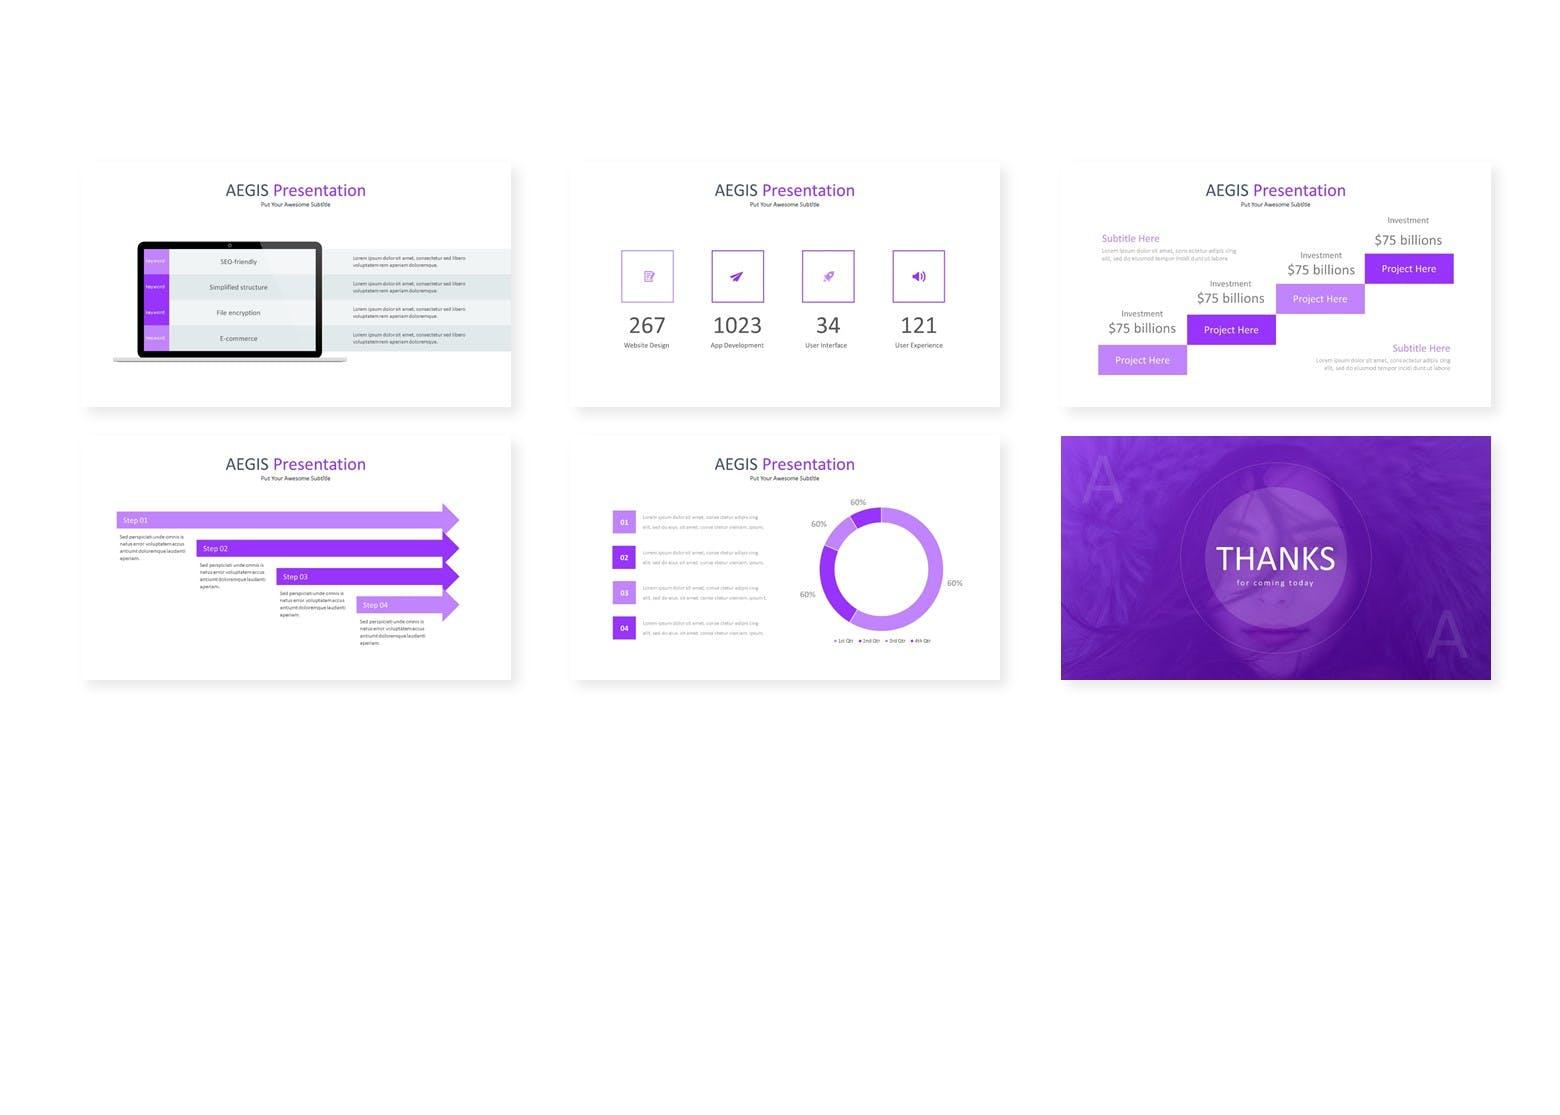 企业新产品市场调研提案PPT幻灯片模板下载Aegis Google Slides Template插图(3)